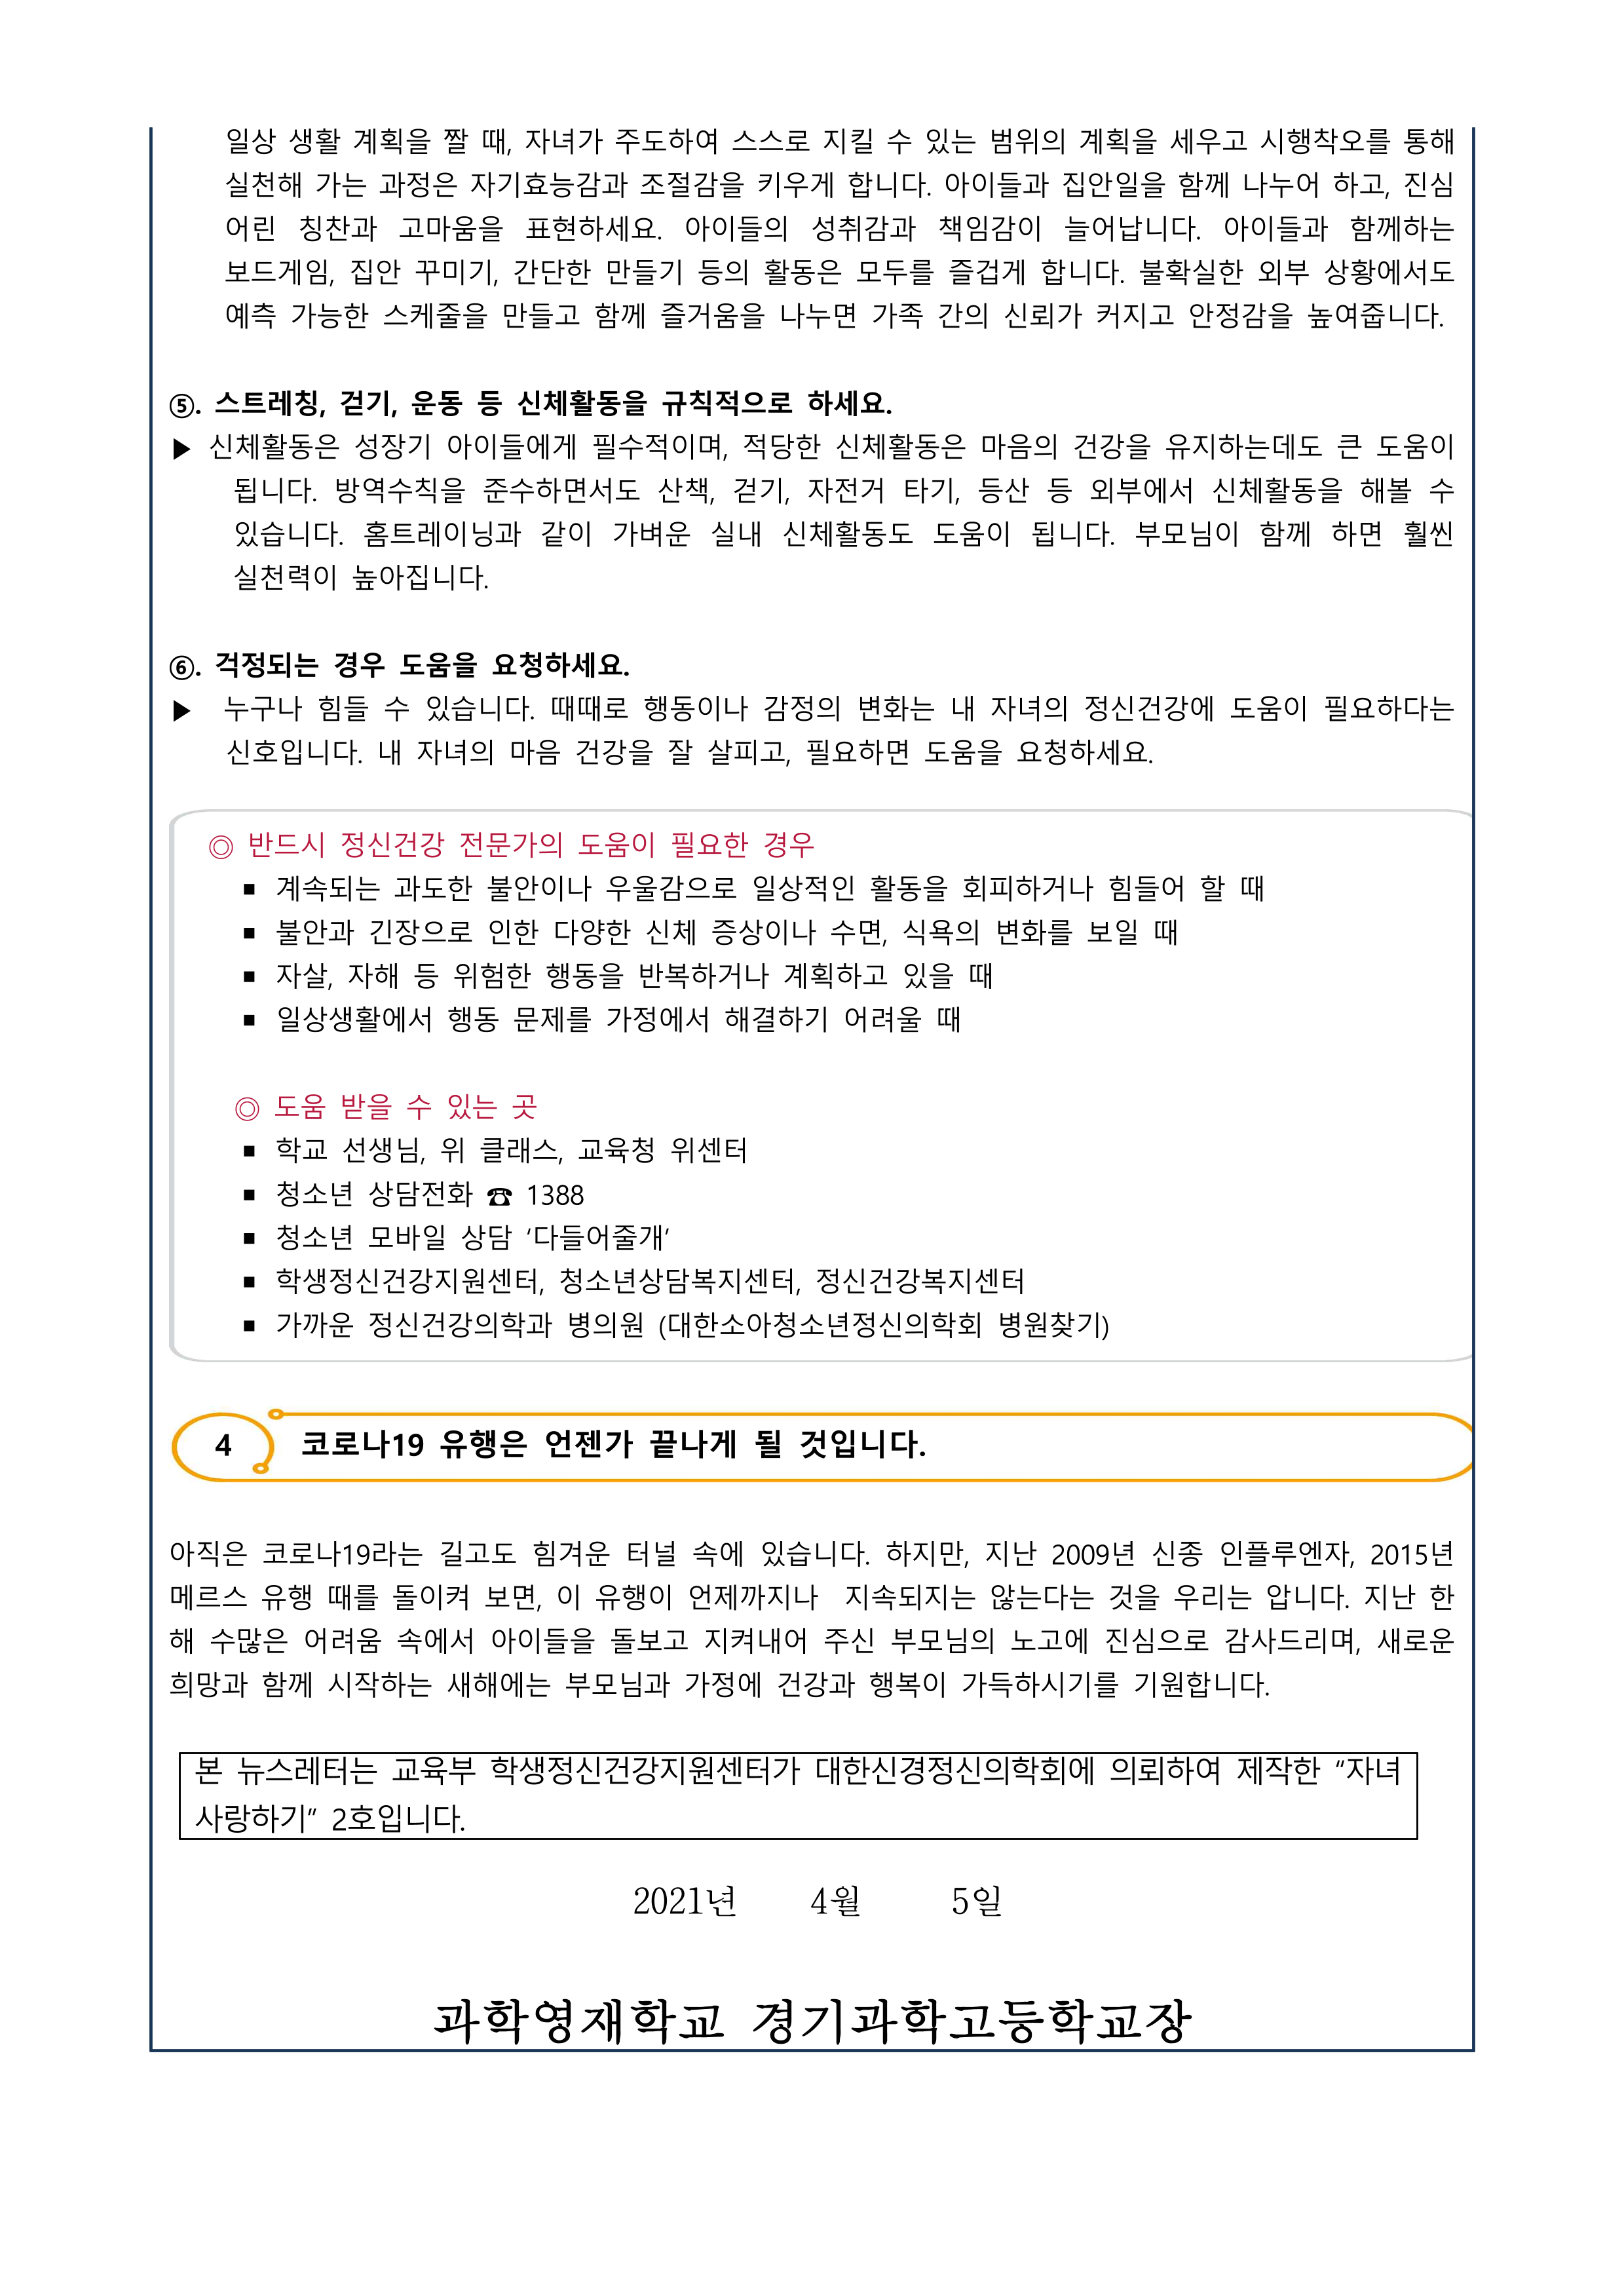 뉴스레터 자녀사랑하기 제 2021-2호 가정통신문 4Page.